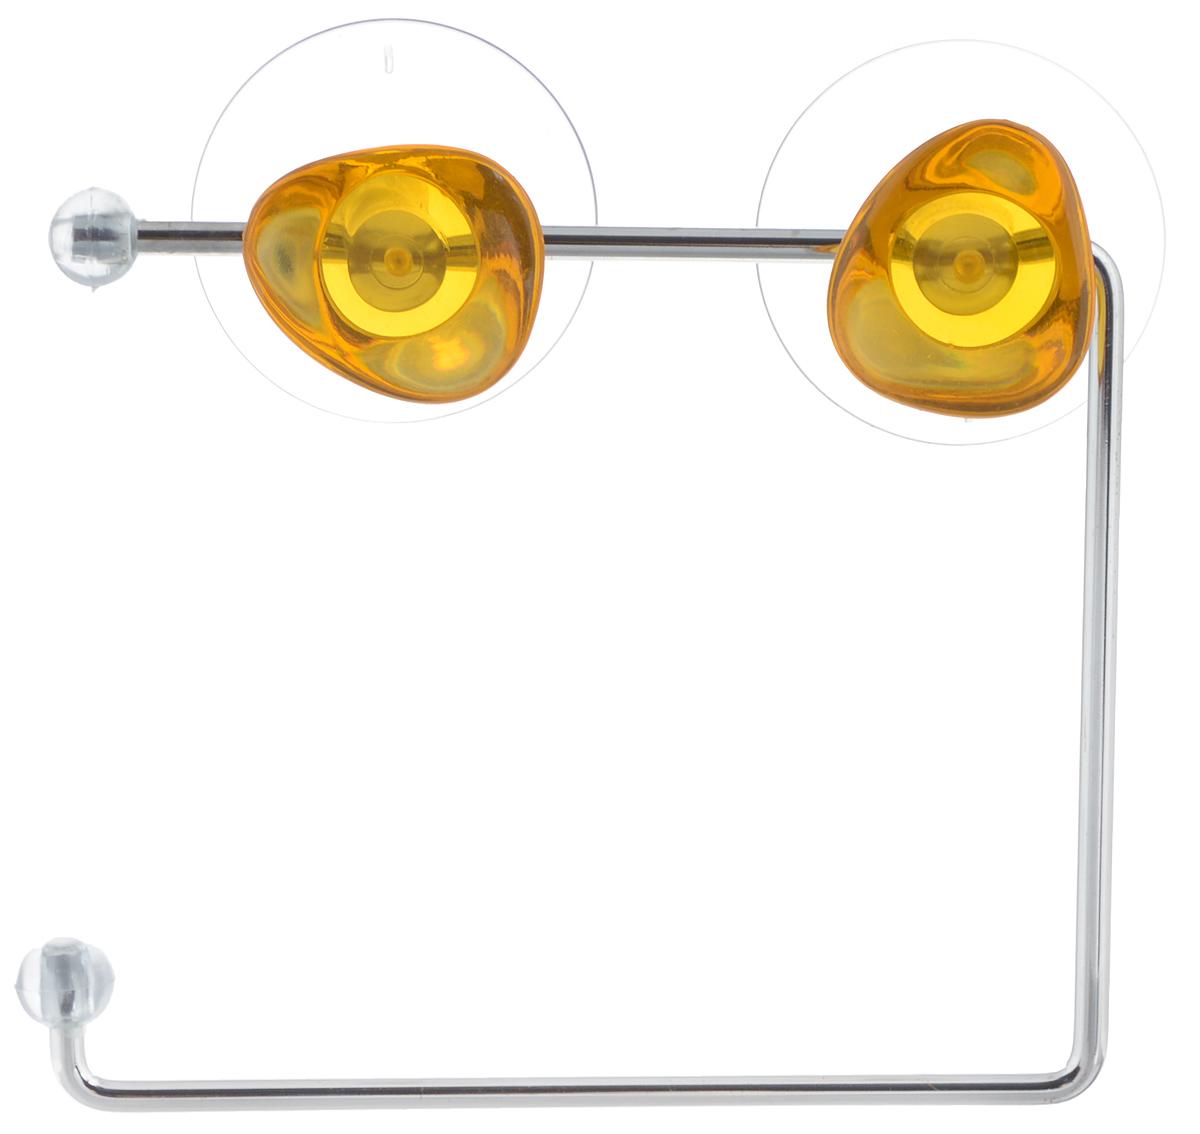 Держатель для туалетной бумаги Axentia Amica, на присосках, цвет: желтый, стальнойUP210DFДержатель для туалетной бумаги Axentia Amica изготовлен извысококачественной стали с хромированным покрытием,которое устойчиво квлажности и перепадам температуры.Держатель поможет оформить интерьер в выбранном стиле,разбавляяпространство туалетной комнаты различными элементами.Он хорошо впишется влюбой интерьер, придавая ему черты современности.Для большего удобства изделие крепится к поверхностям спомощью двухприсосок из поливинилхлорида (входят в комплект), что даетвозможность принеобходимости менять их месторасположение.Размер держателя: 14,5 х 12,5 х 4,5 см.Диаметр присоски: 5,5 см.